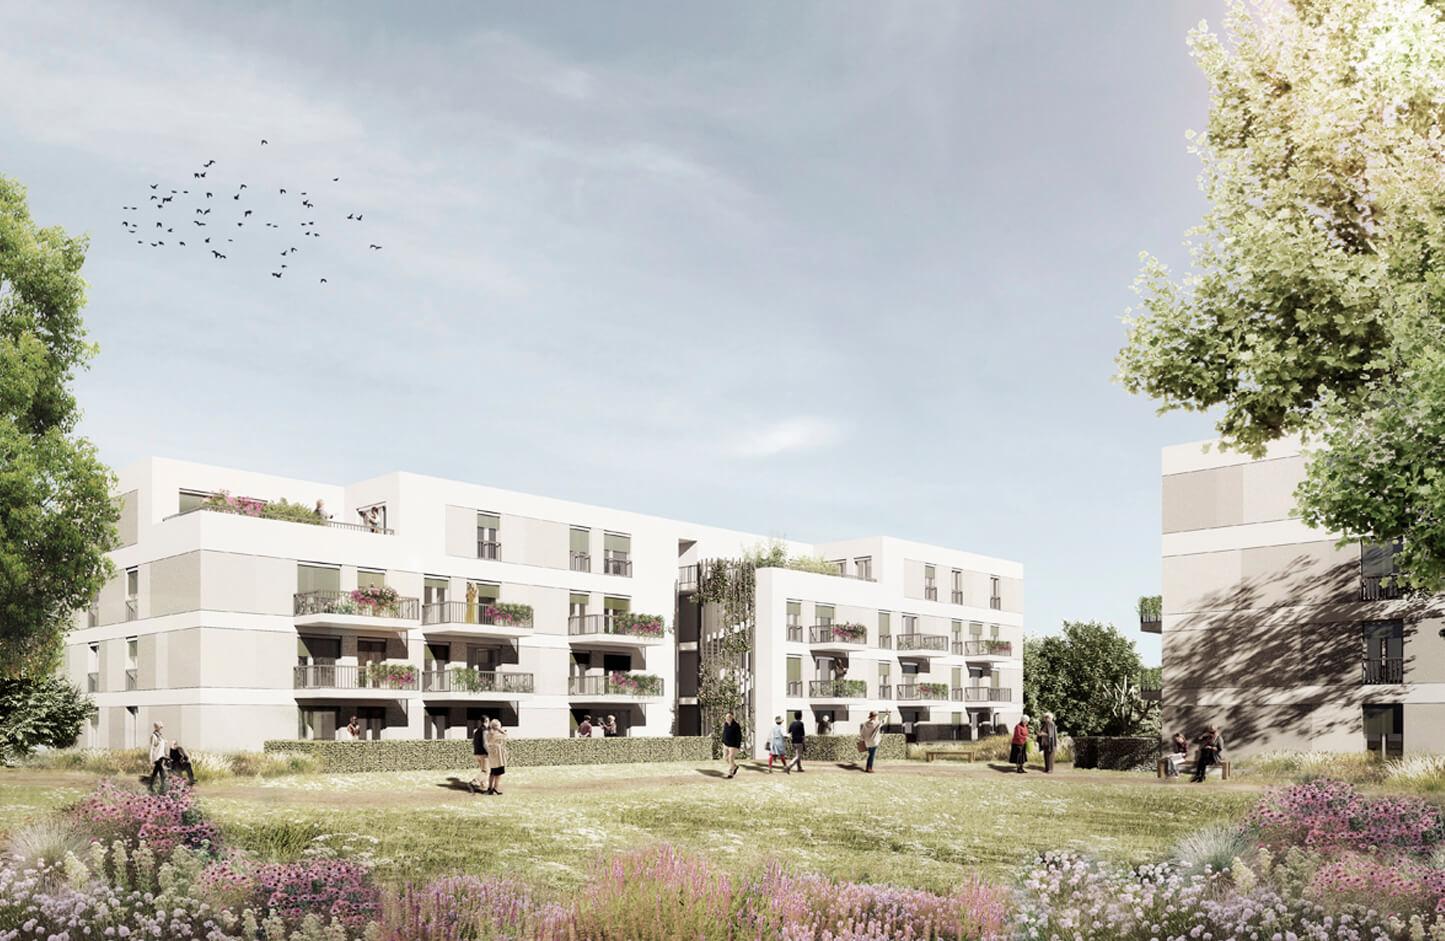 56- Residencial - FFeddersen Architekten